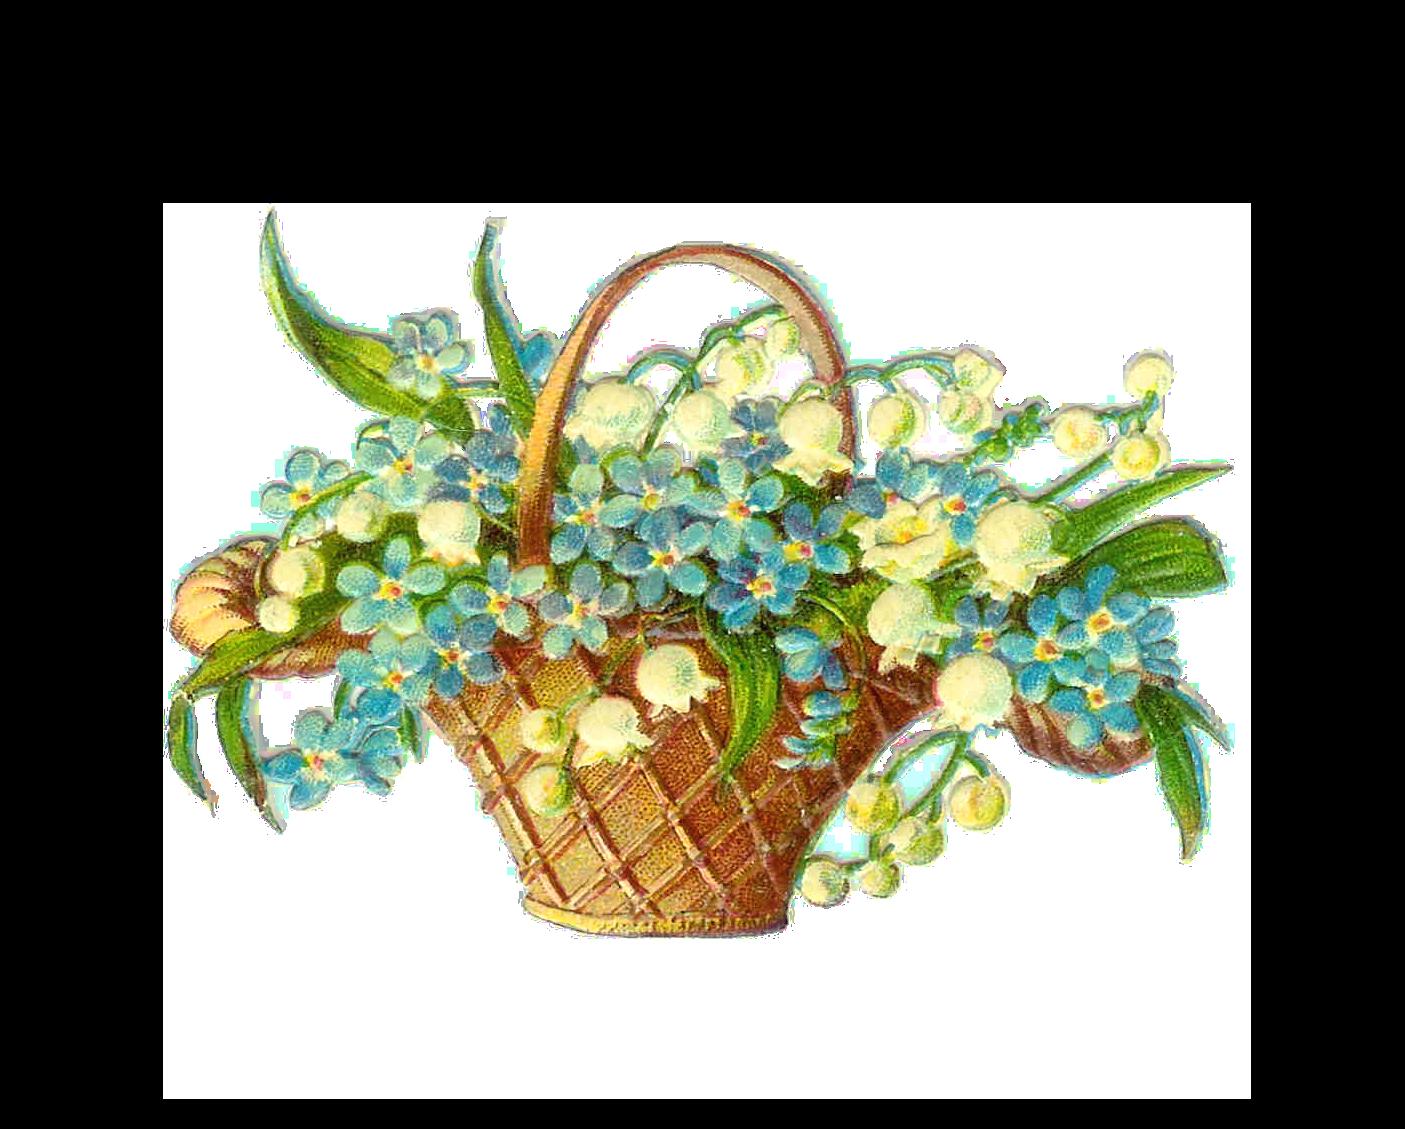 Art Basket Images : Vintage easter baskets cliparts